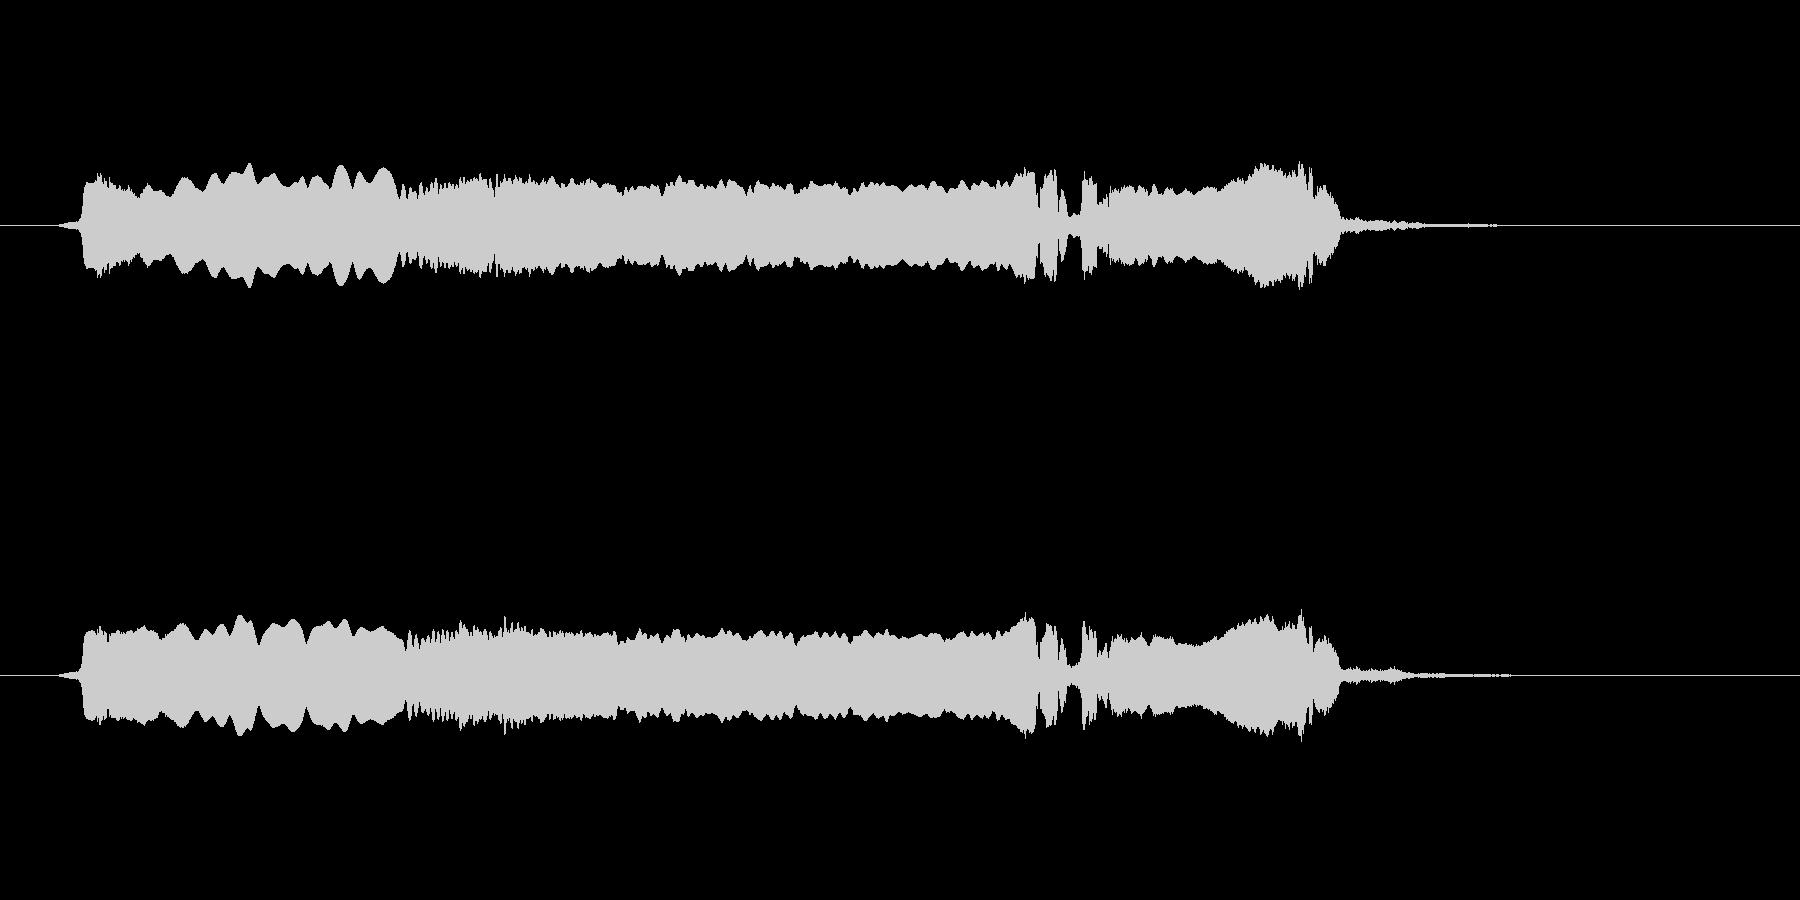 篠笛生演奏の勢いあるジングル02の未再生の波形